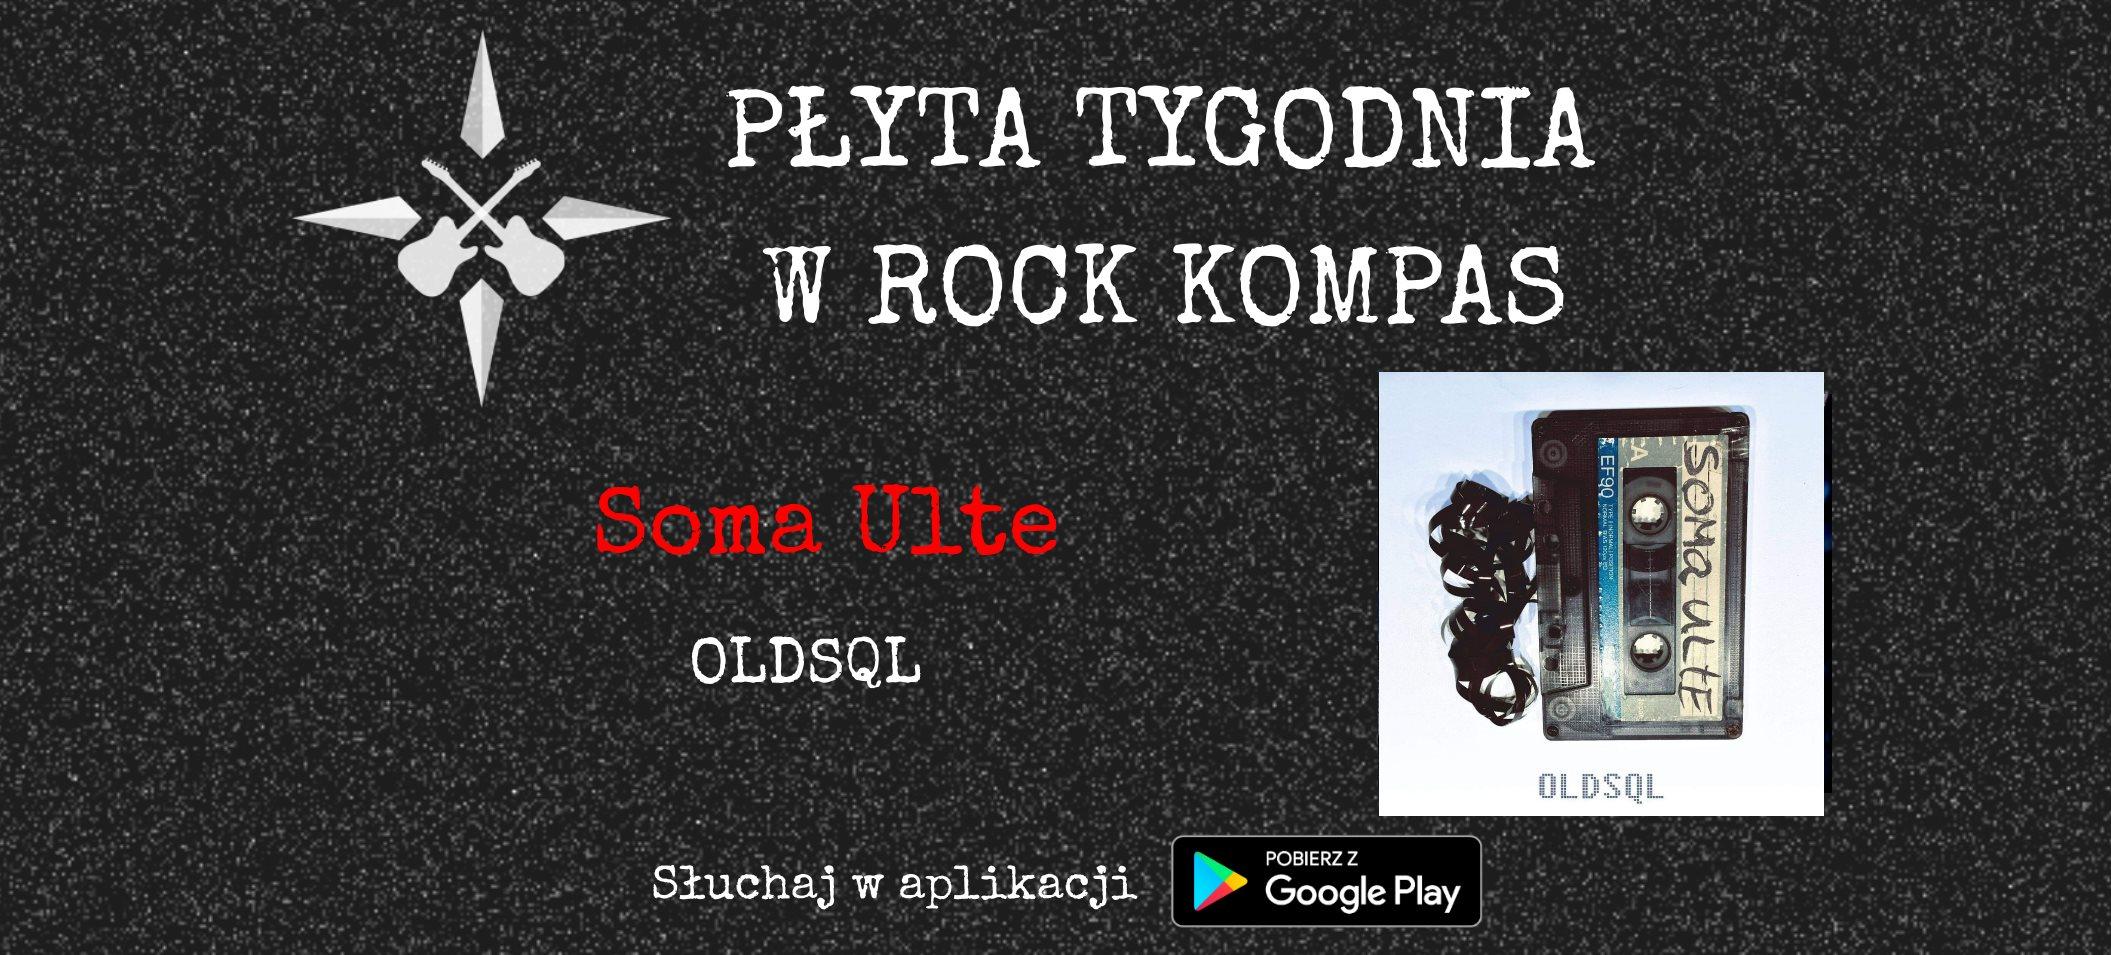 Płyta tygodnia w Rock Kompas: Soma Ulte - OLDSQL